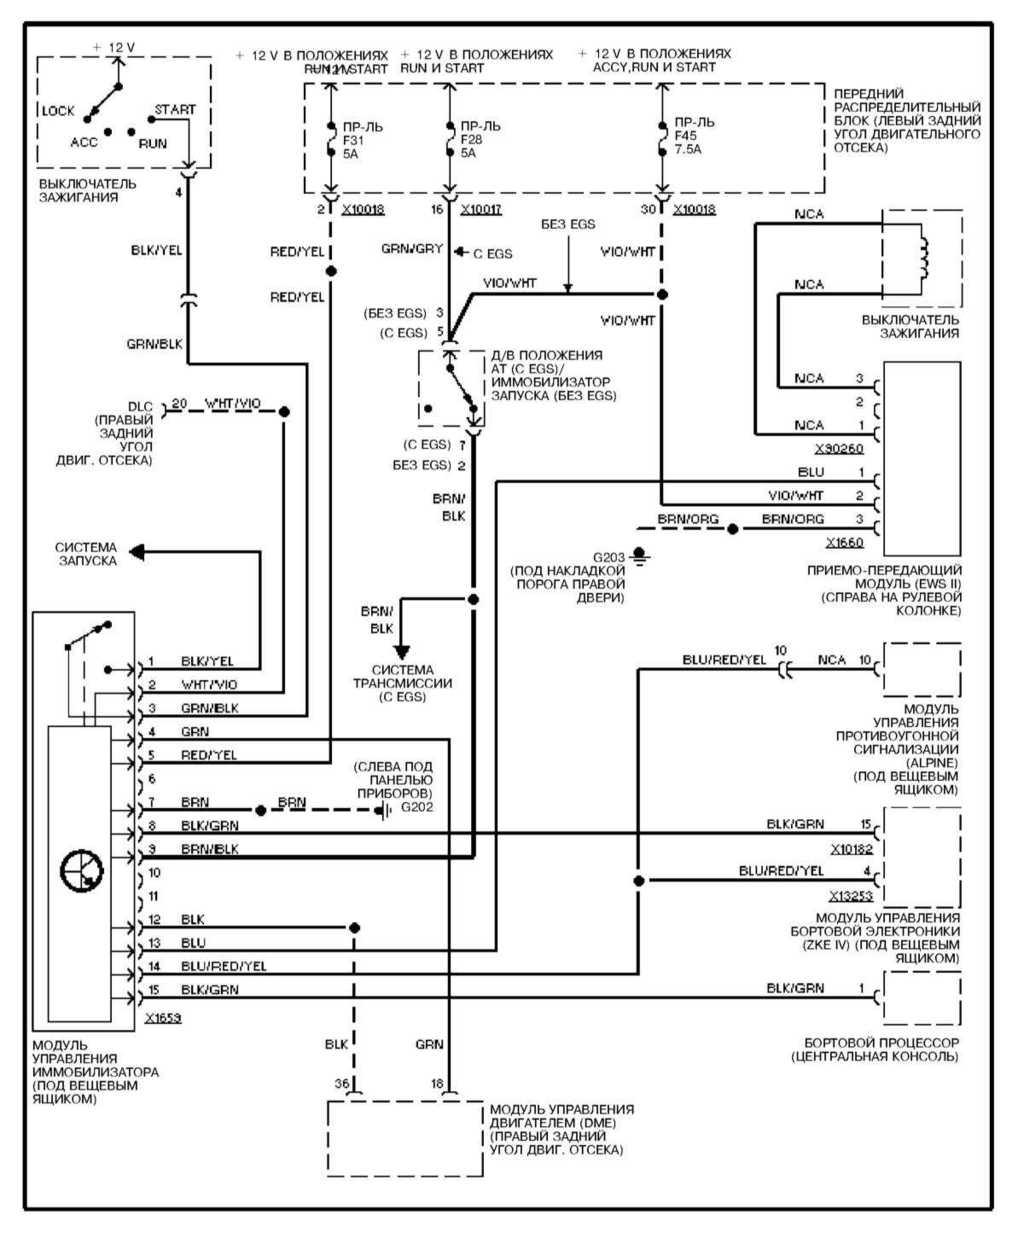 Ремонт БМВ 3: Схемы электрооборудования BMW 3 (E46